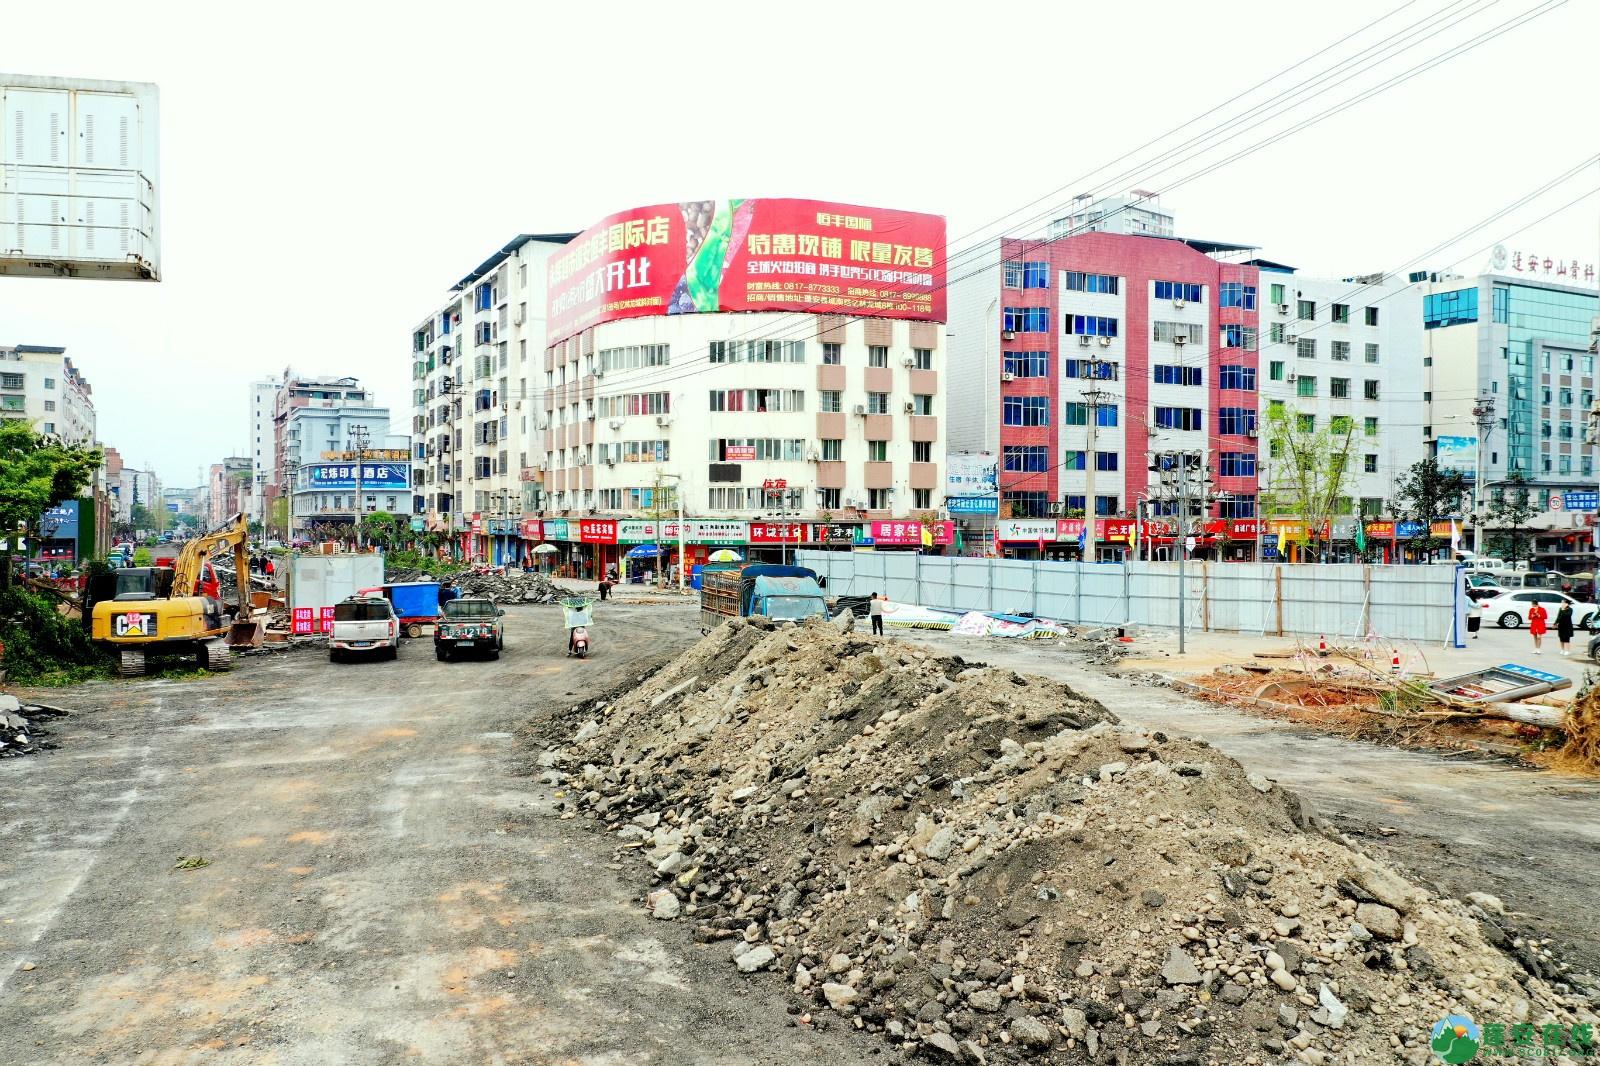 蓬安建设南路老旧街道小区美化改造(2020.3.22) - 第1张  | 蓬安在线